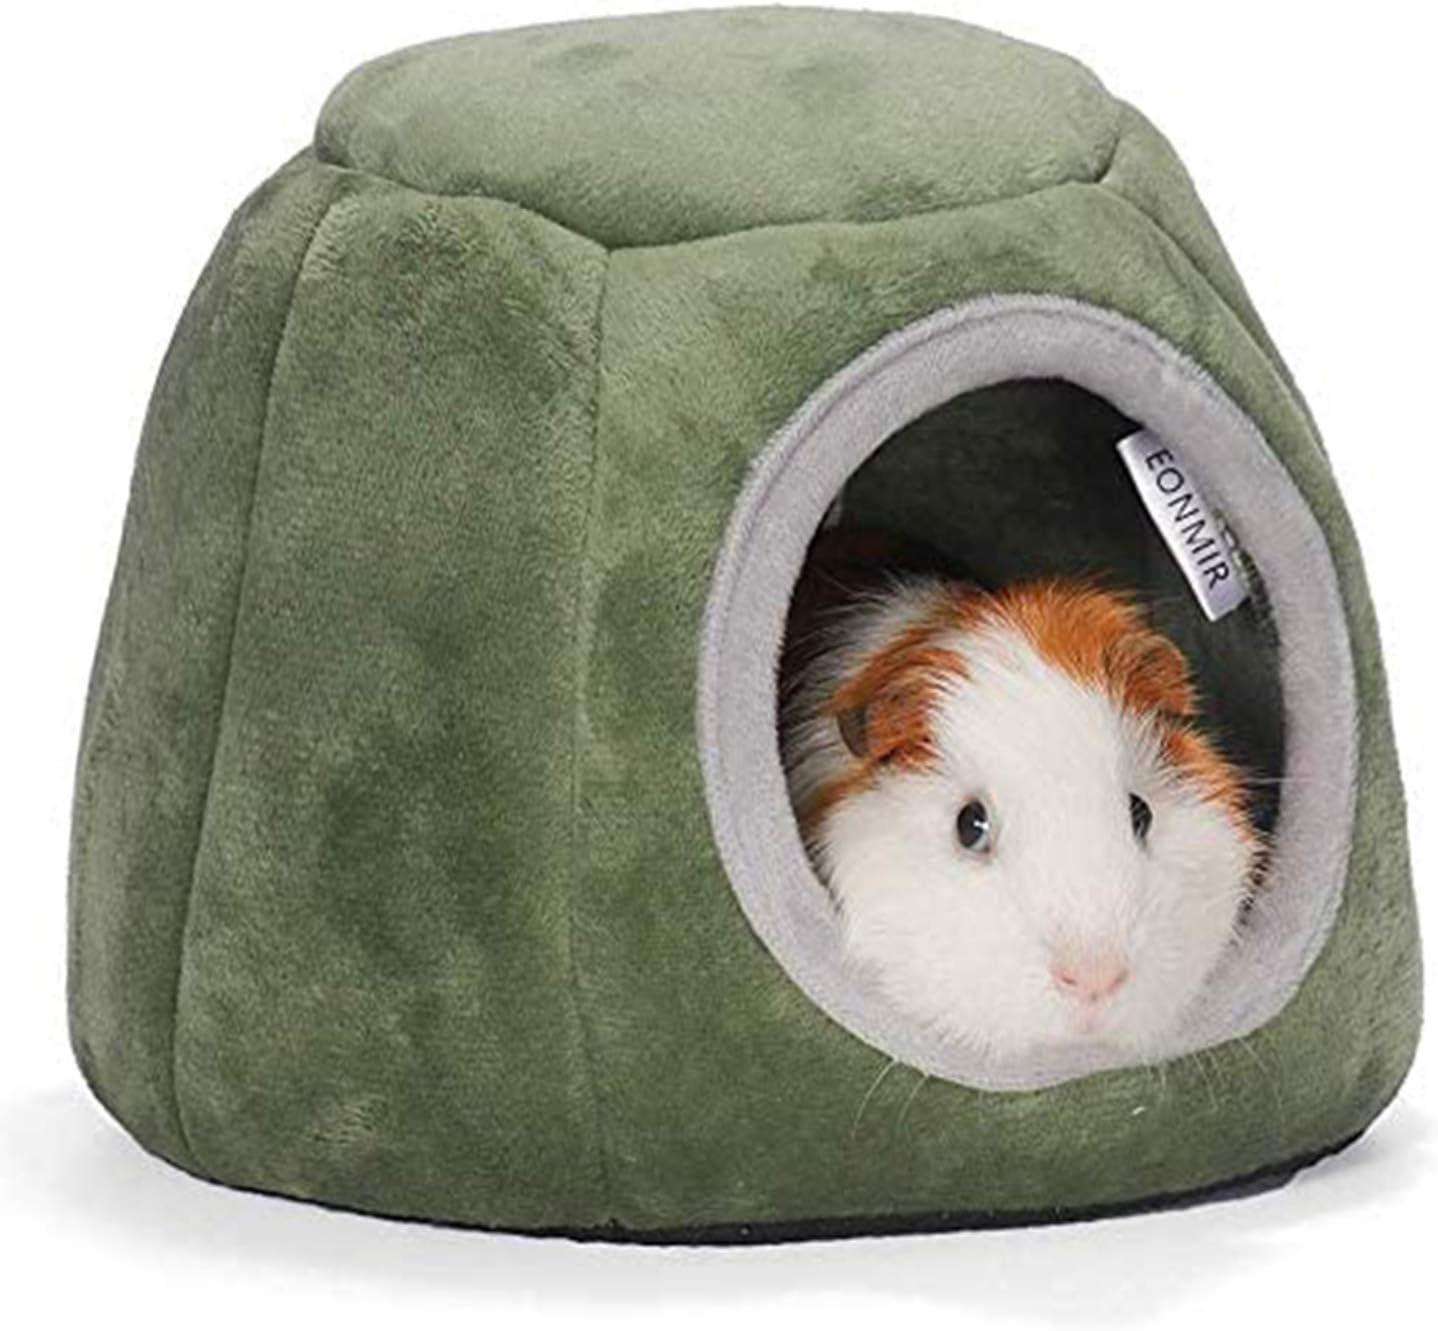 Cama de conejillo de indias para hámster casa pequeña de ardilla para dormir nido de algodón erizo hurones para cueva de dormir juguete (20 x 16 cm, diámetro de entrada de la cueva de 10 cm)